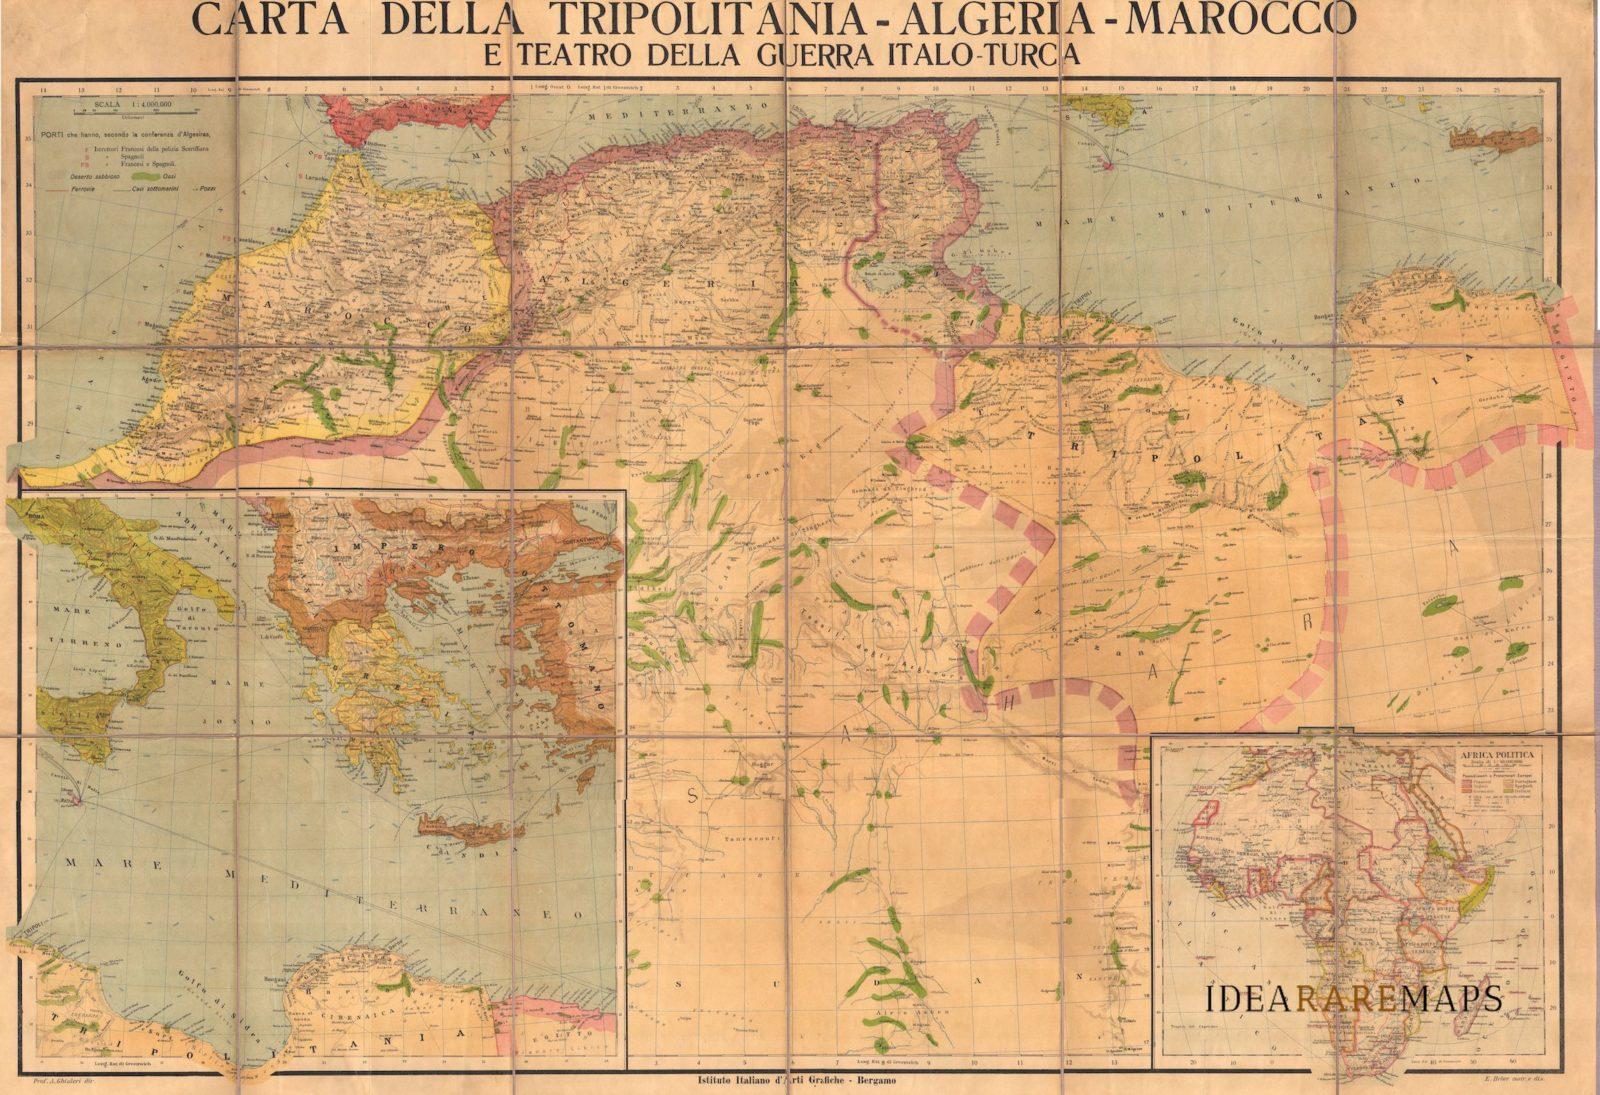 Cartina Geografica Marocco.Carta Della Tripolitania Algeria Marocco E Teatro Della Guerra